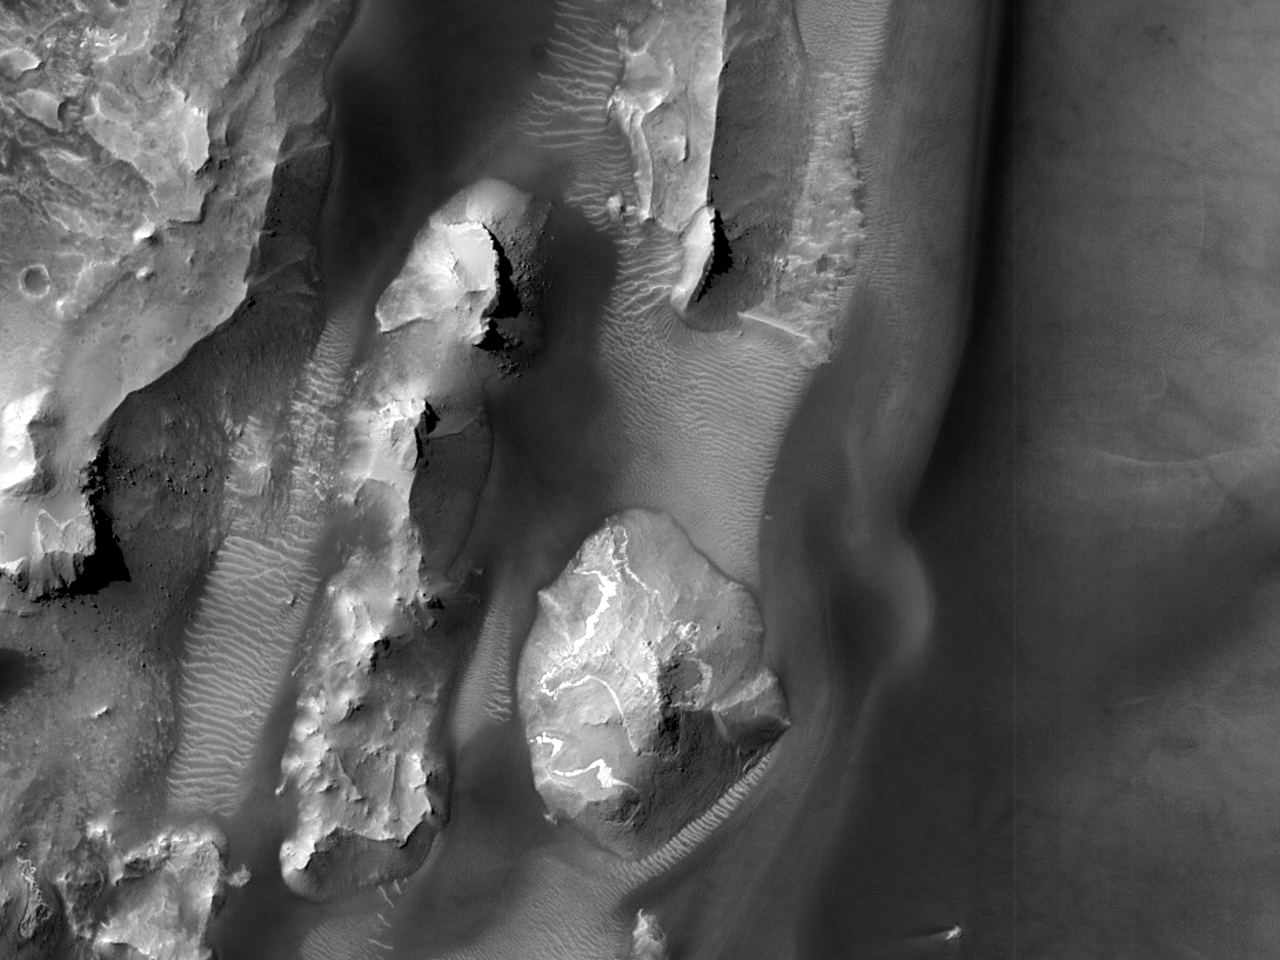 تغيرات في تموجات نوكتيس لابرينثوس (Noctis Labyrinthus)